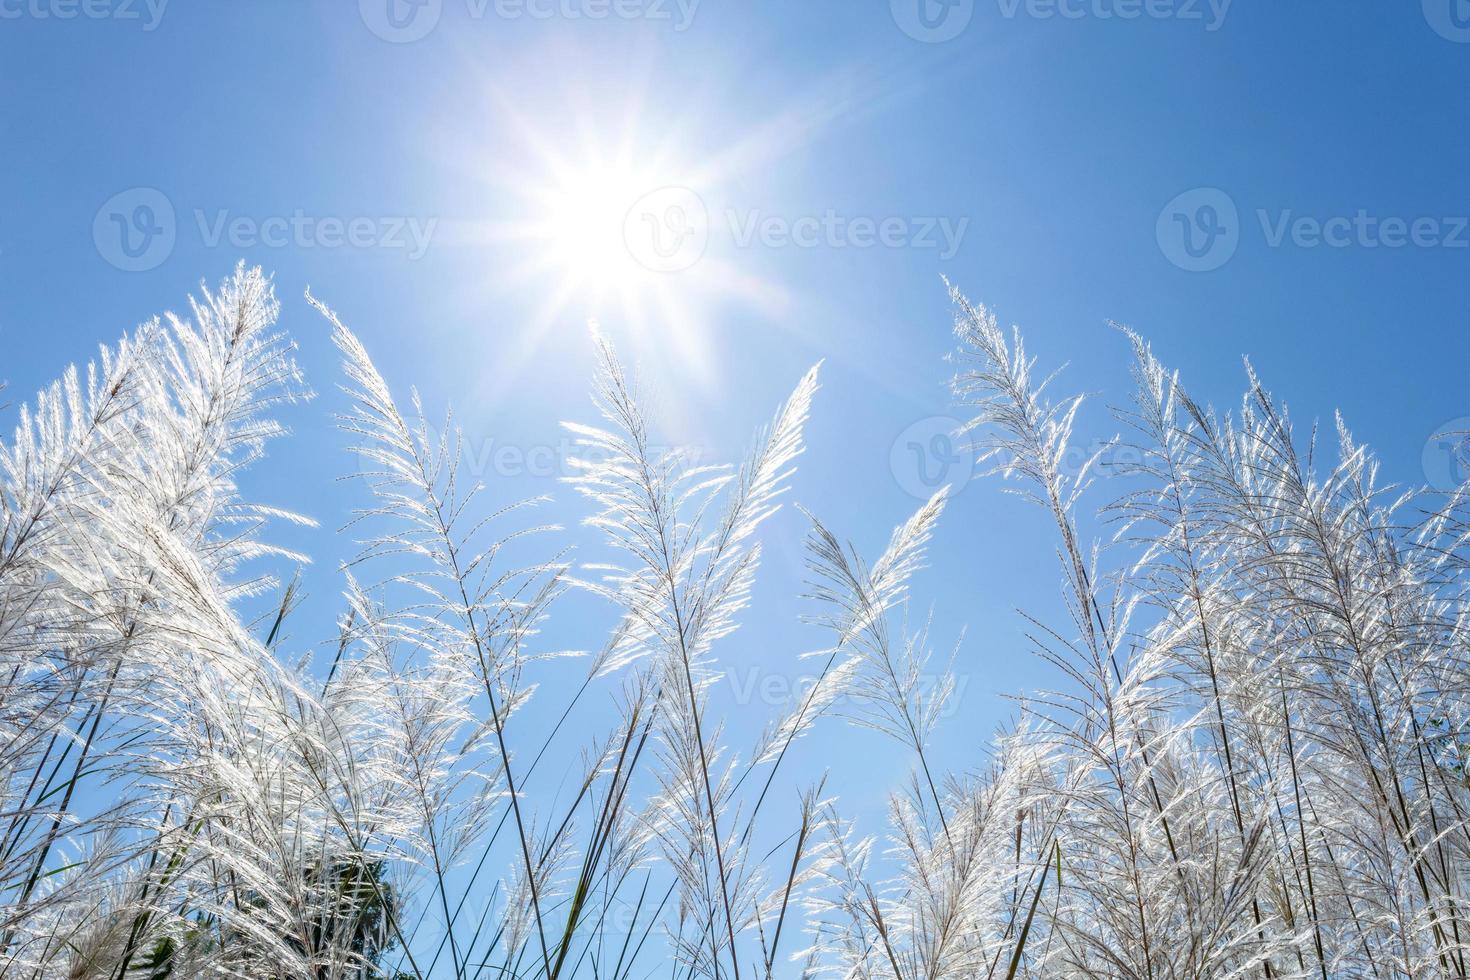 wit riet en blauwe lucht foto